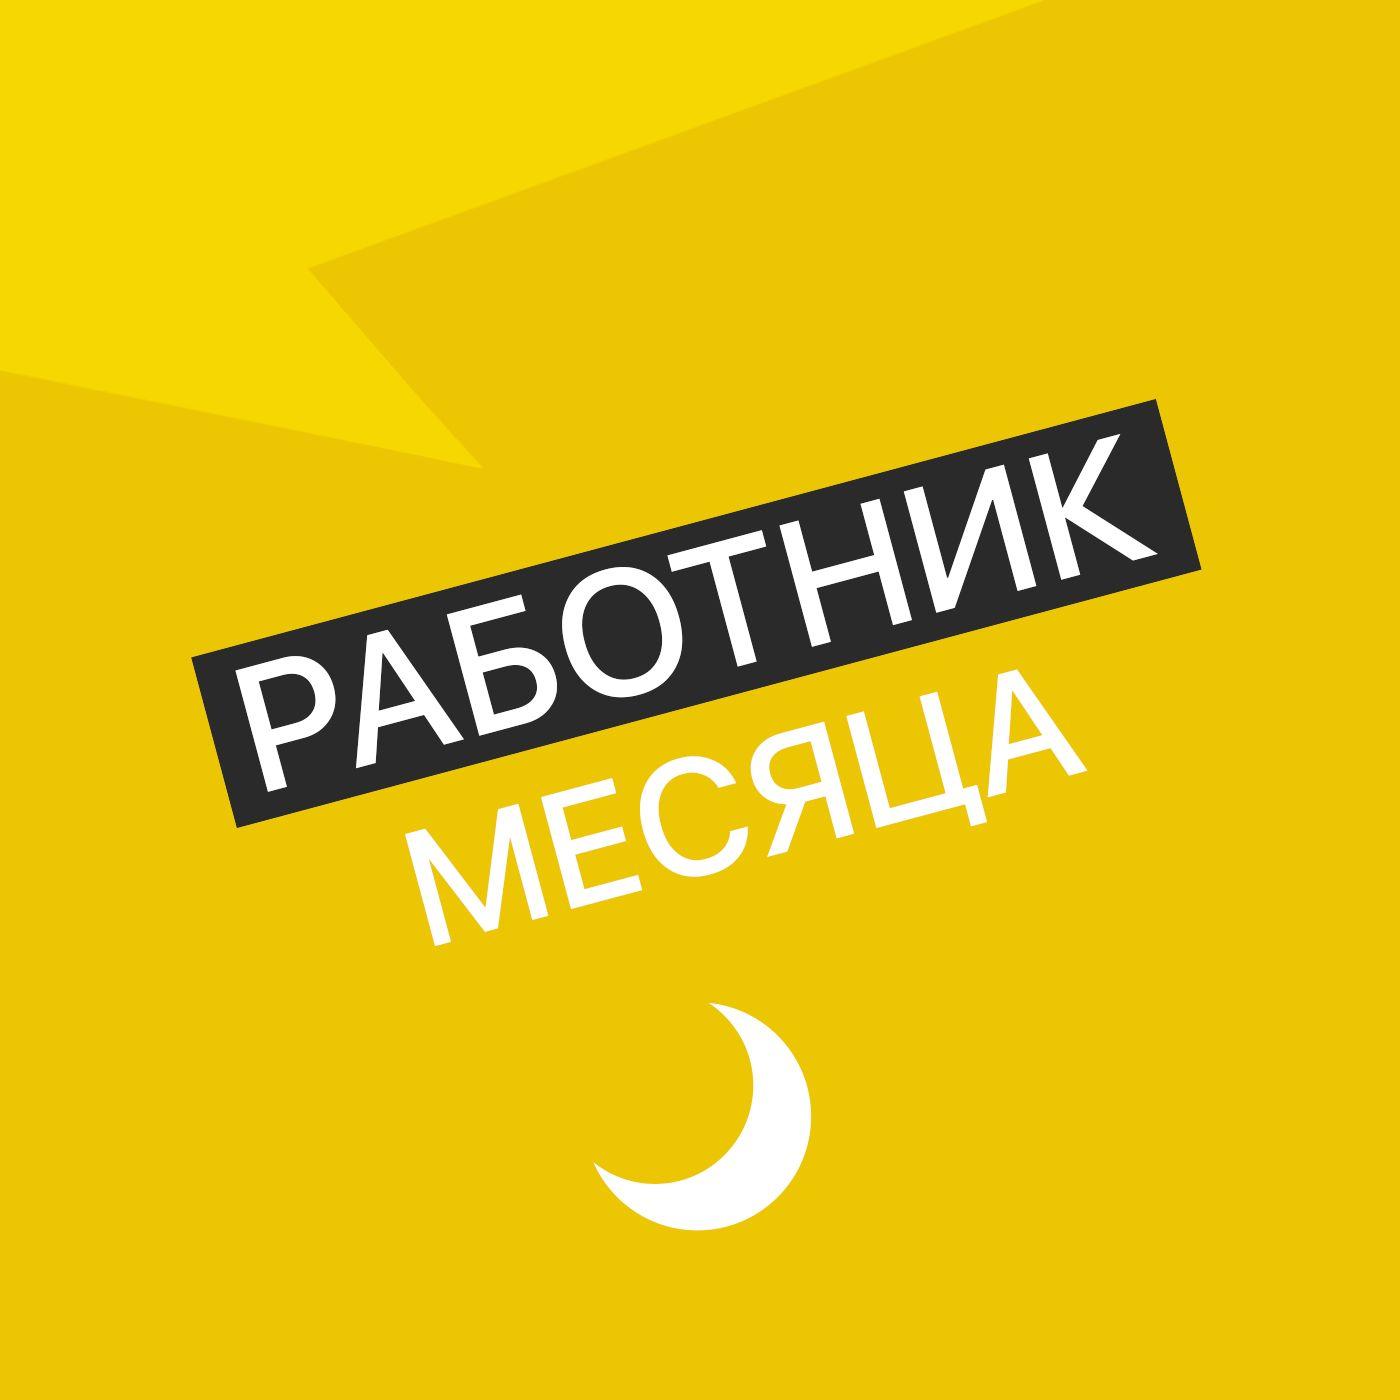 Няня_Творческий коллектив Mojomedia